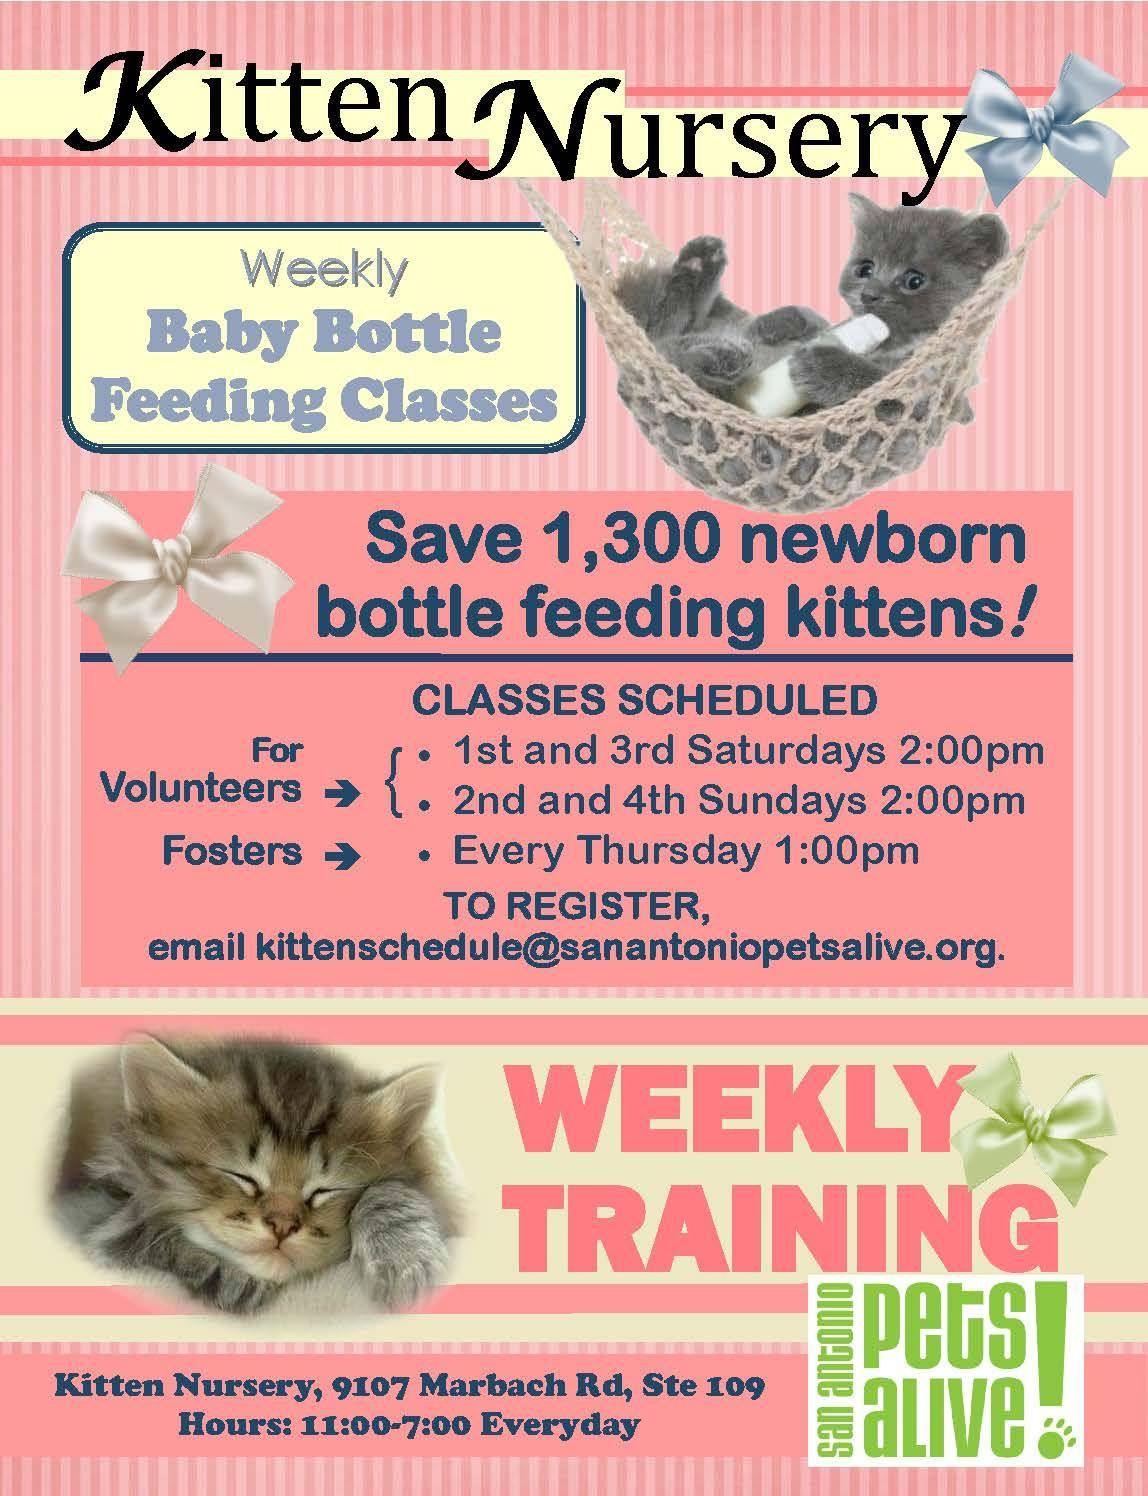 Volunteer And Foster Trainings Every Week Feeding Kittens